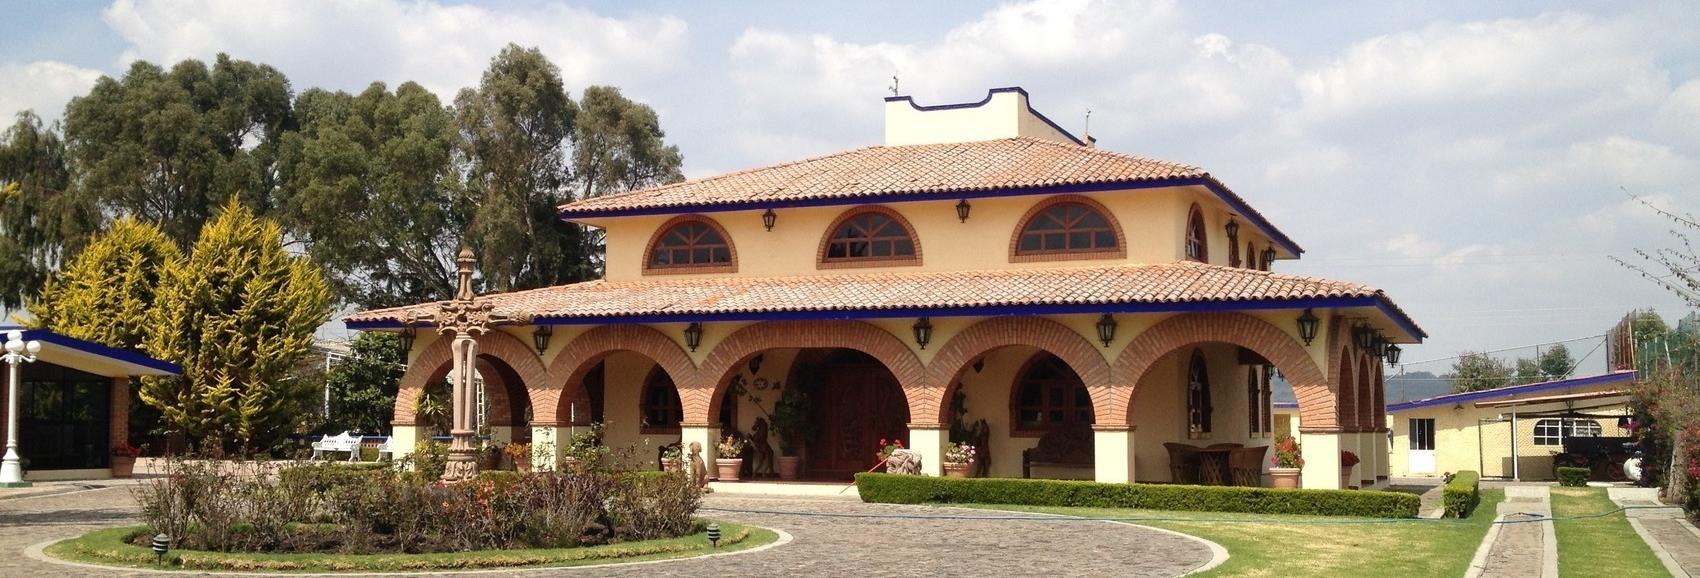 Soyaniquilpan de Juárez